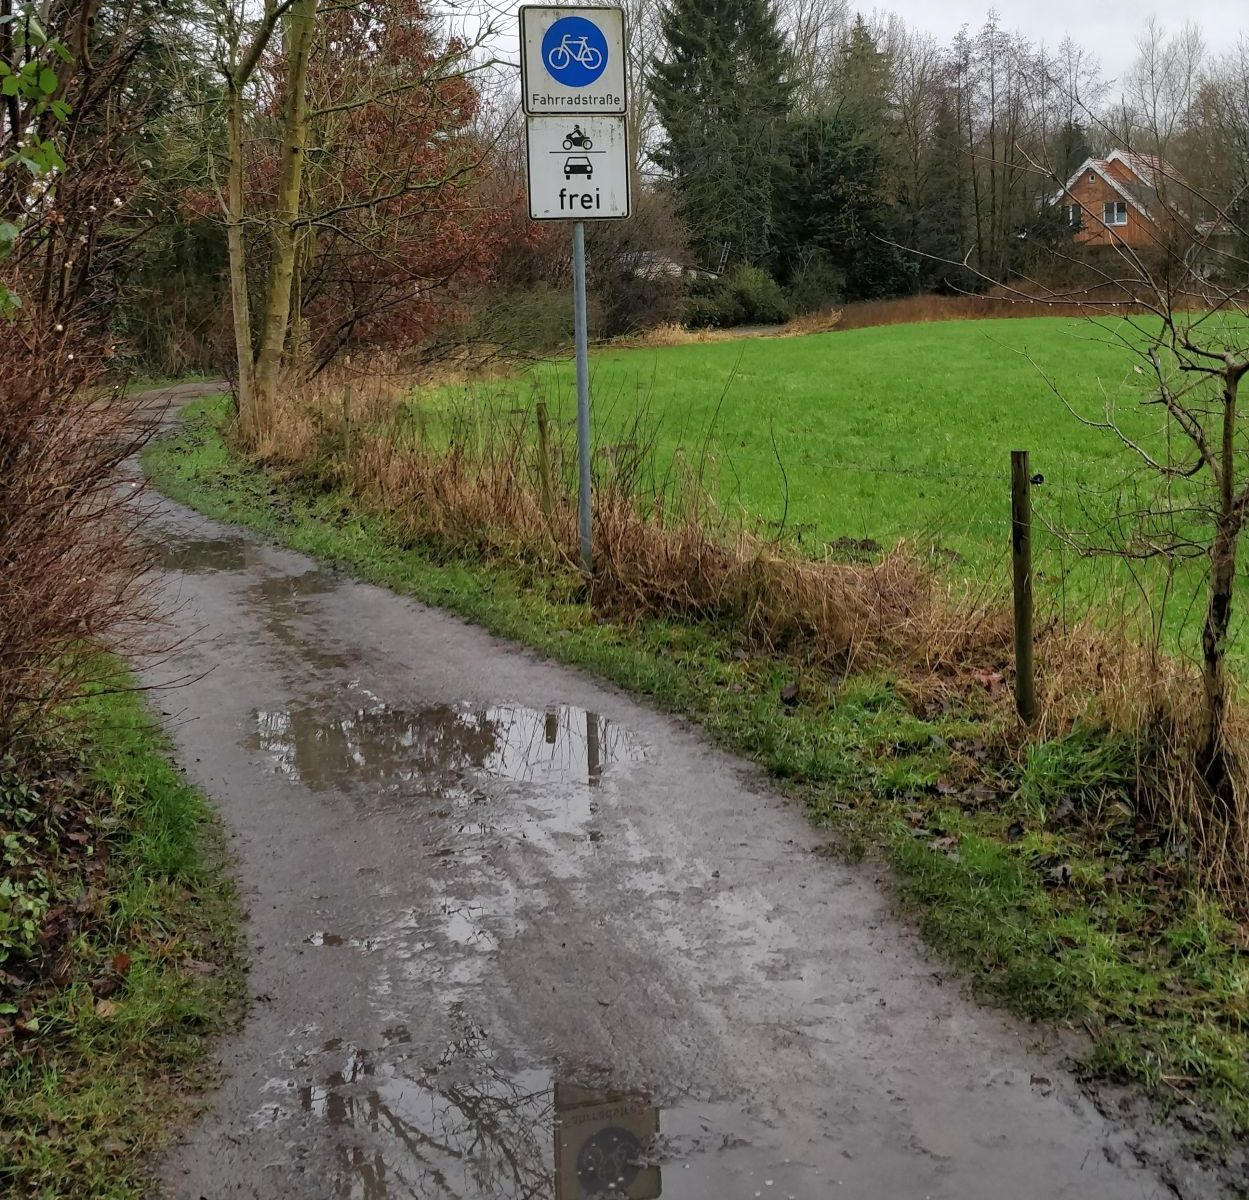 """Die Fahrradstraße """"Am Hohen Ufer"""" aus Richtung des Werse Radweges. Das Bild zeigt einen Feldweg mit Pfützen. Mittig des Bildes steht das Fahrradstraßen-Schild mit dem Zusatz """"KFZ-Frei"""". Das Schild spiegelt sich in den Pfützen am Boden. Rechts des Weges ist ein Weidezaun und eine grüne Wiese."""